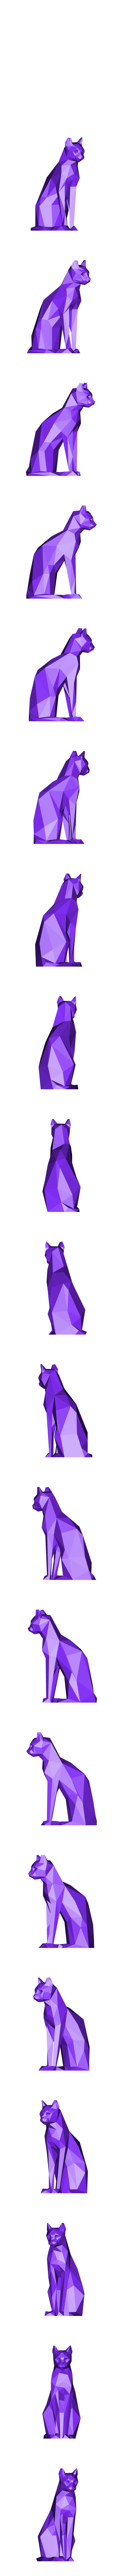 cat_v2.obj Download free OBJ file Low poly sitting cat • 3D printer object, Vincent6m